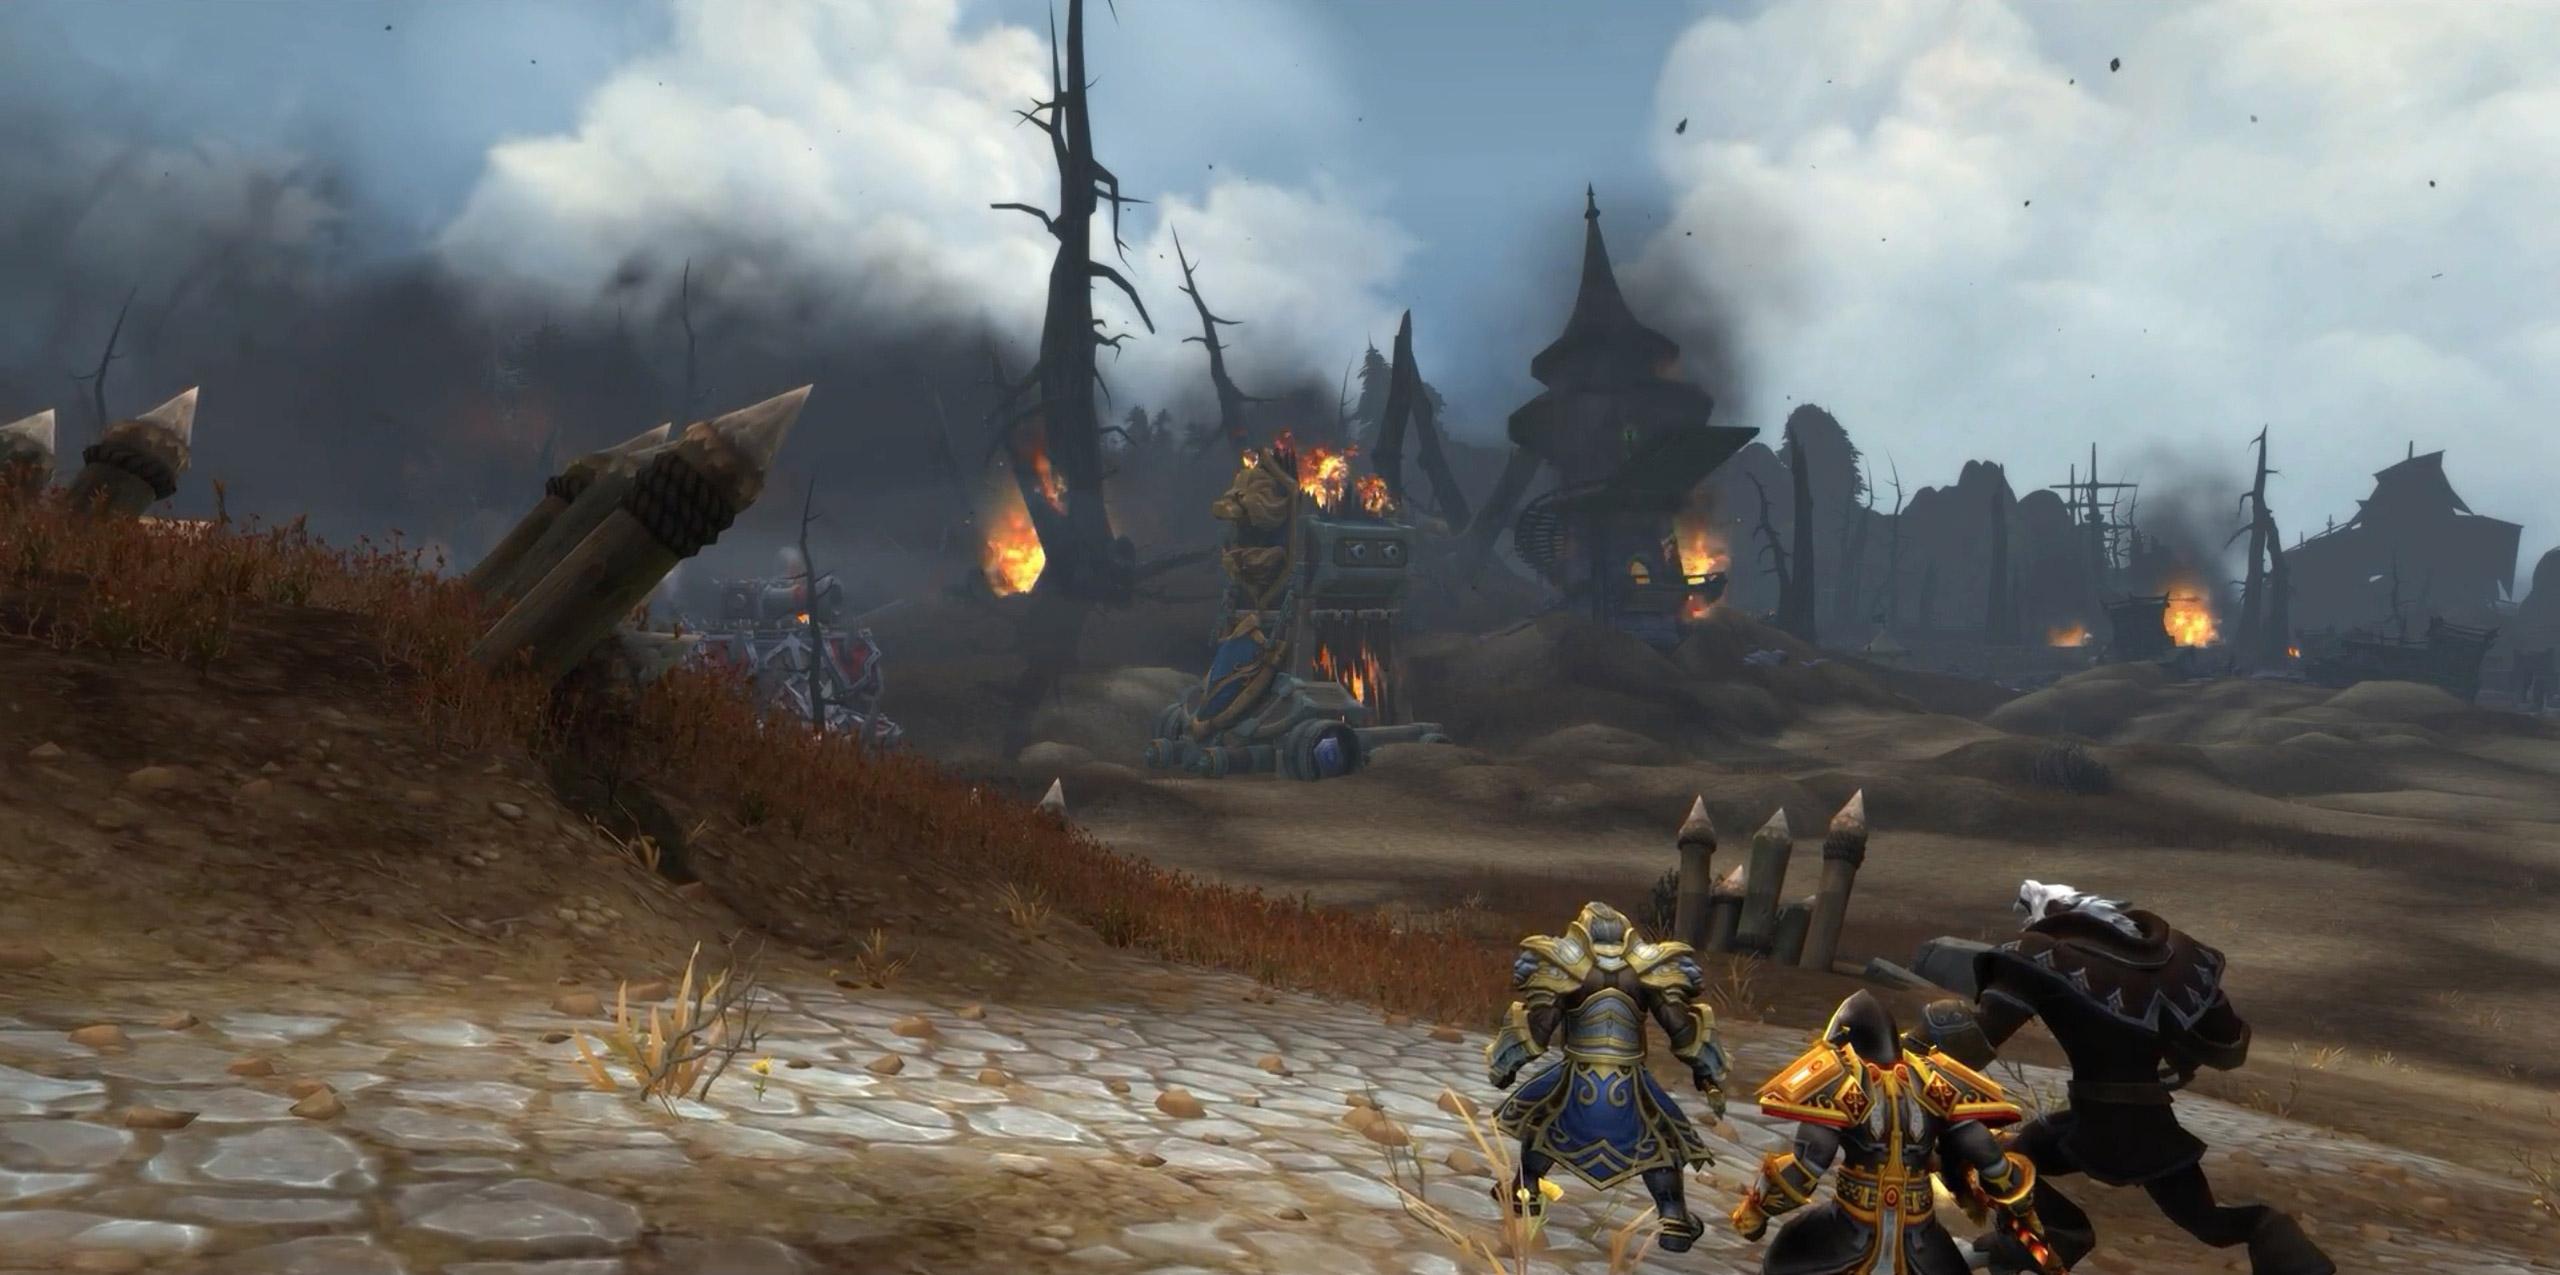 L'immense machine de guerre de la Horde ravage le champ de bataille